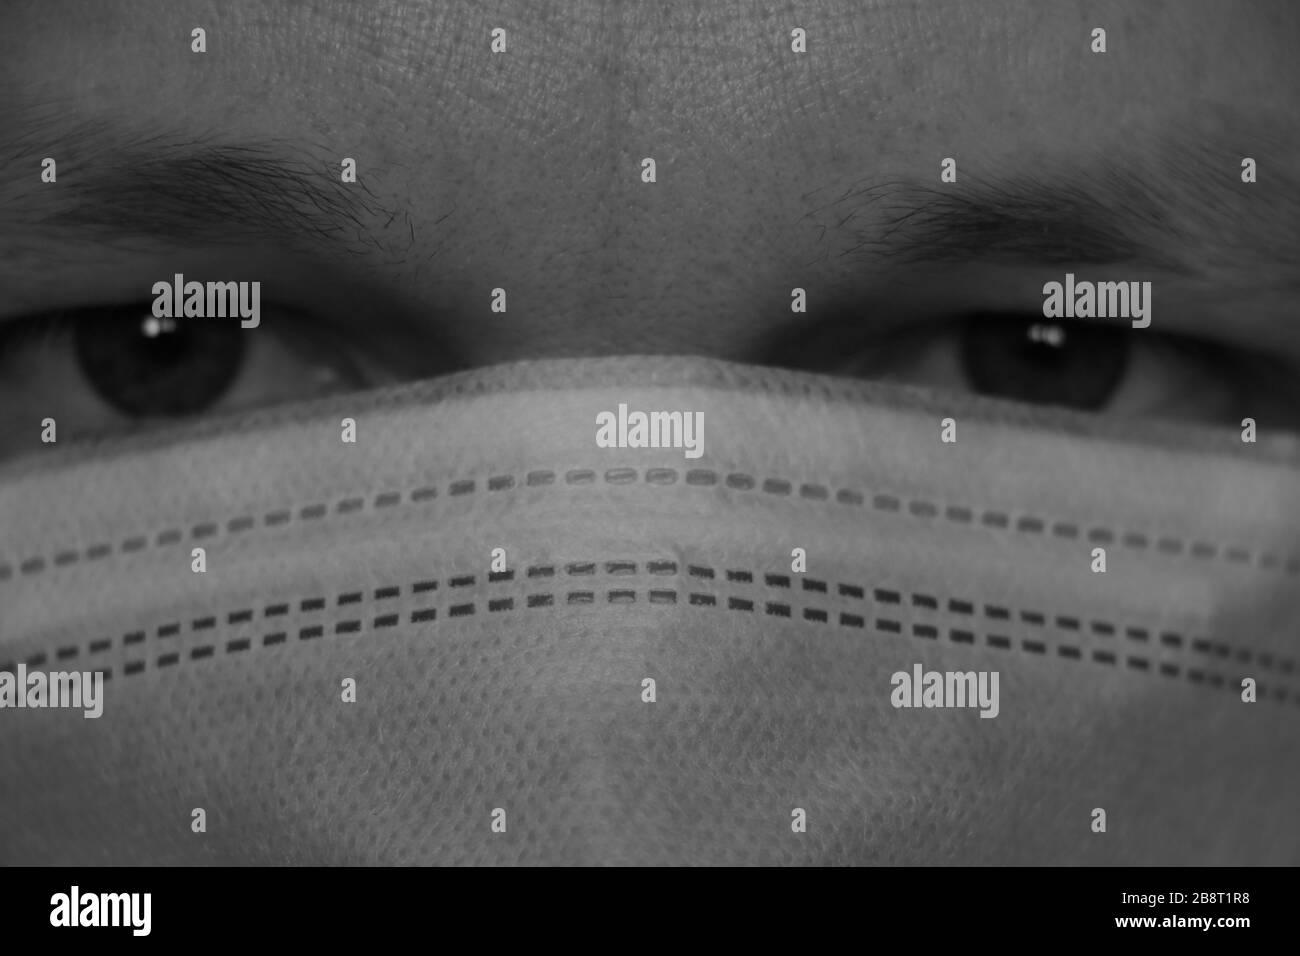 Der Mann hat eine medizinische Schutzmaske, Infektionsschutz, Schutz vor Coronavirus. Starker Blick auf die Kamera, Nahaufnahme. Pandemieepidemie Stockfoto